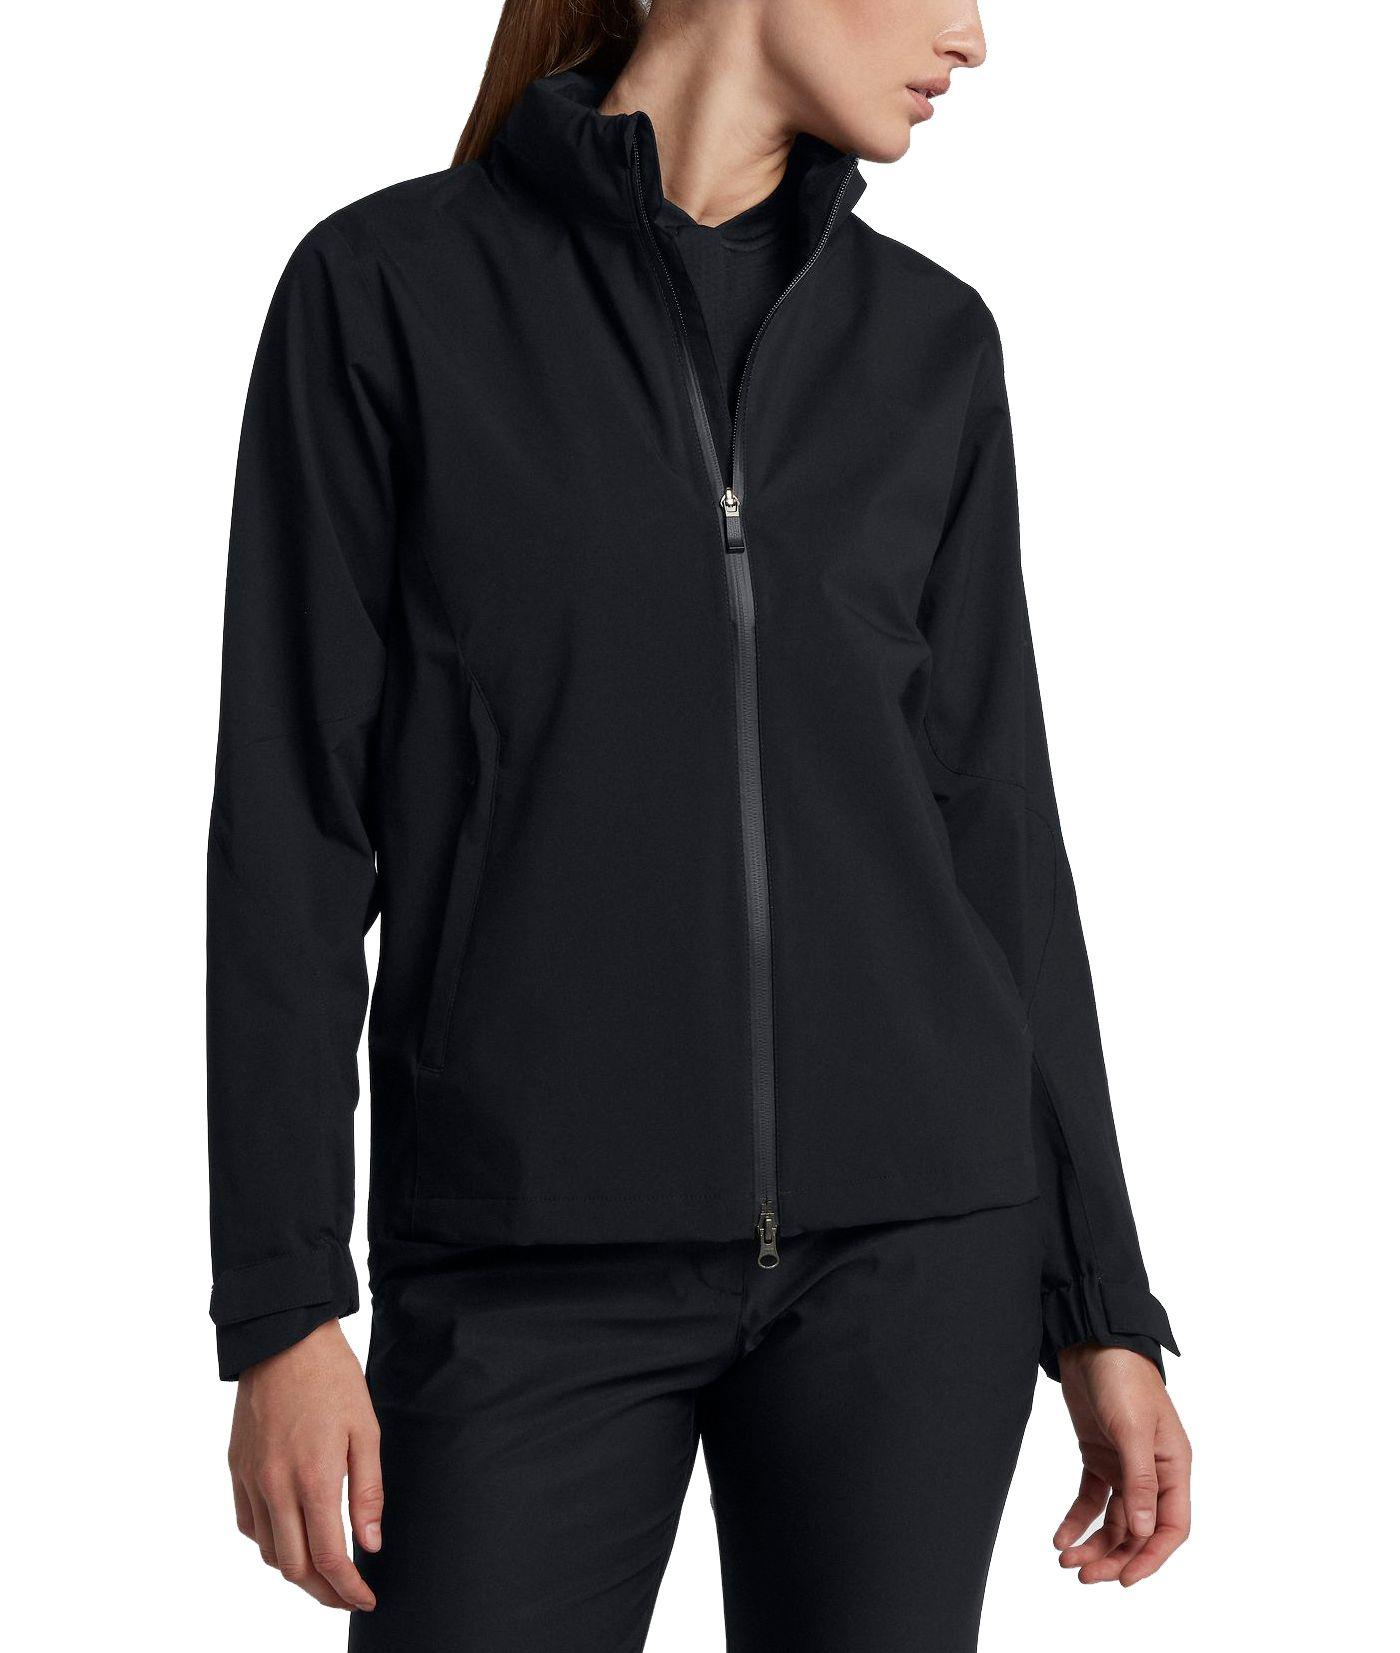 Nike Women's HyperShield Golf Jacket